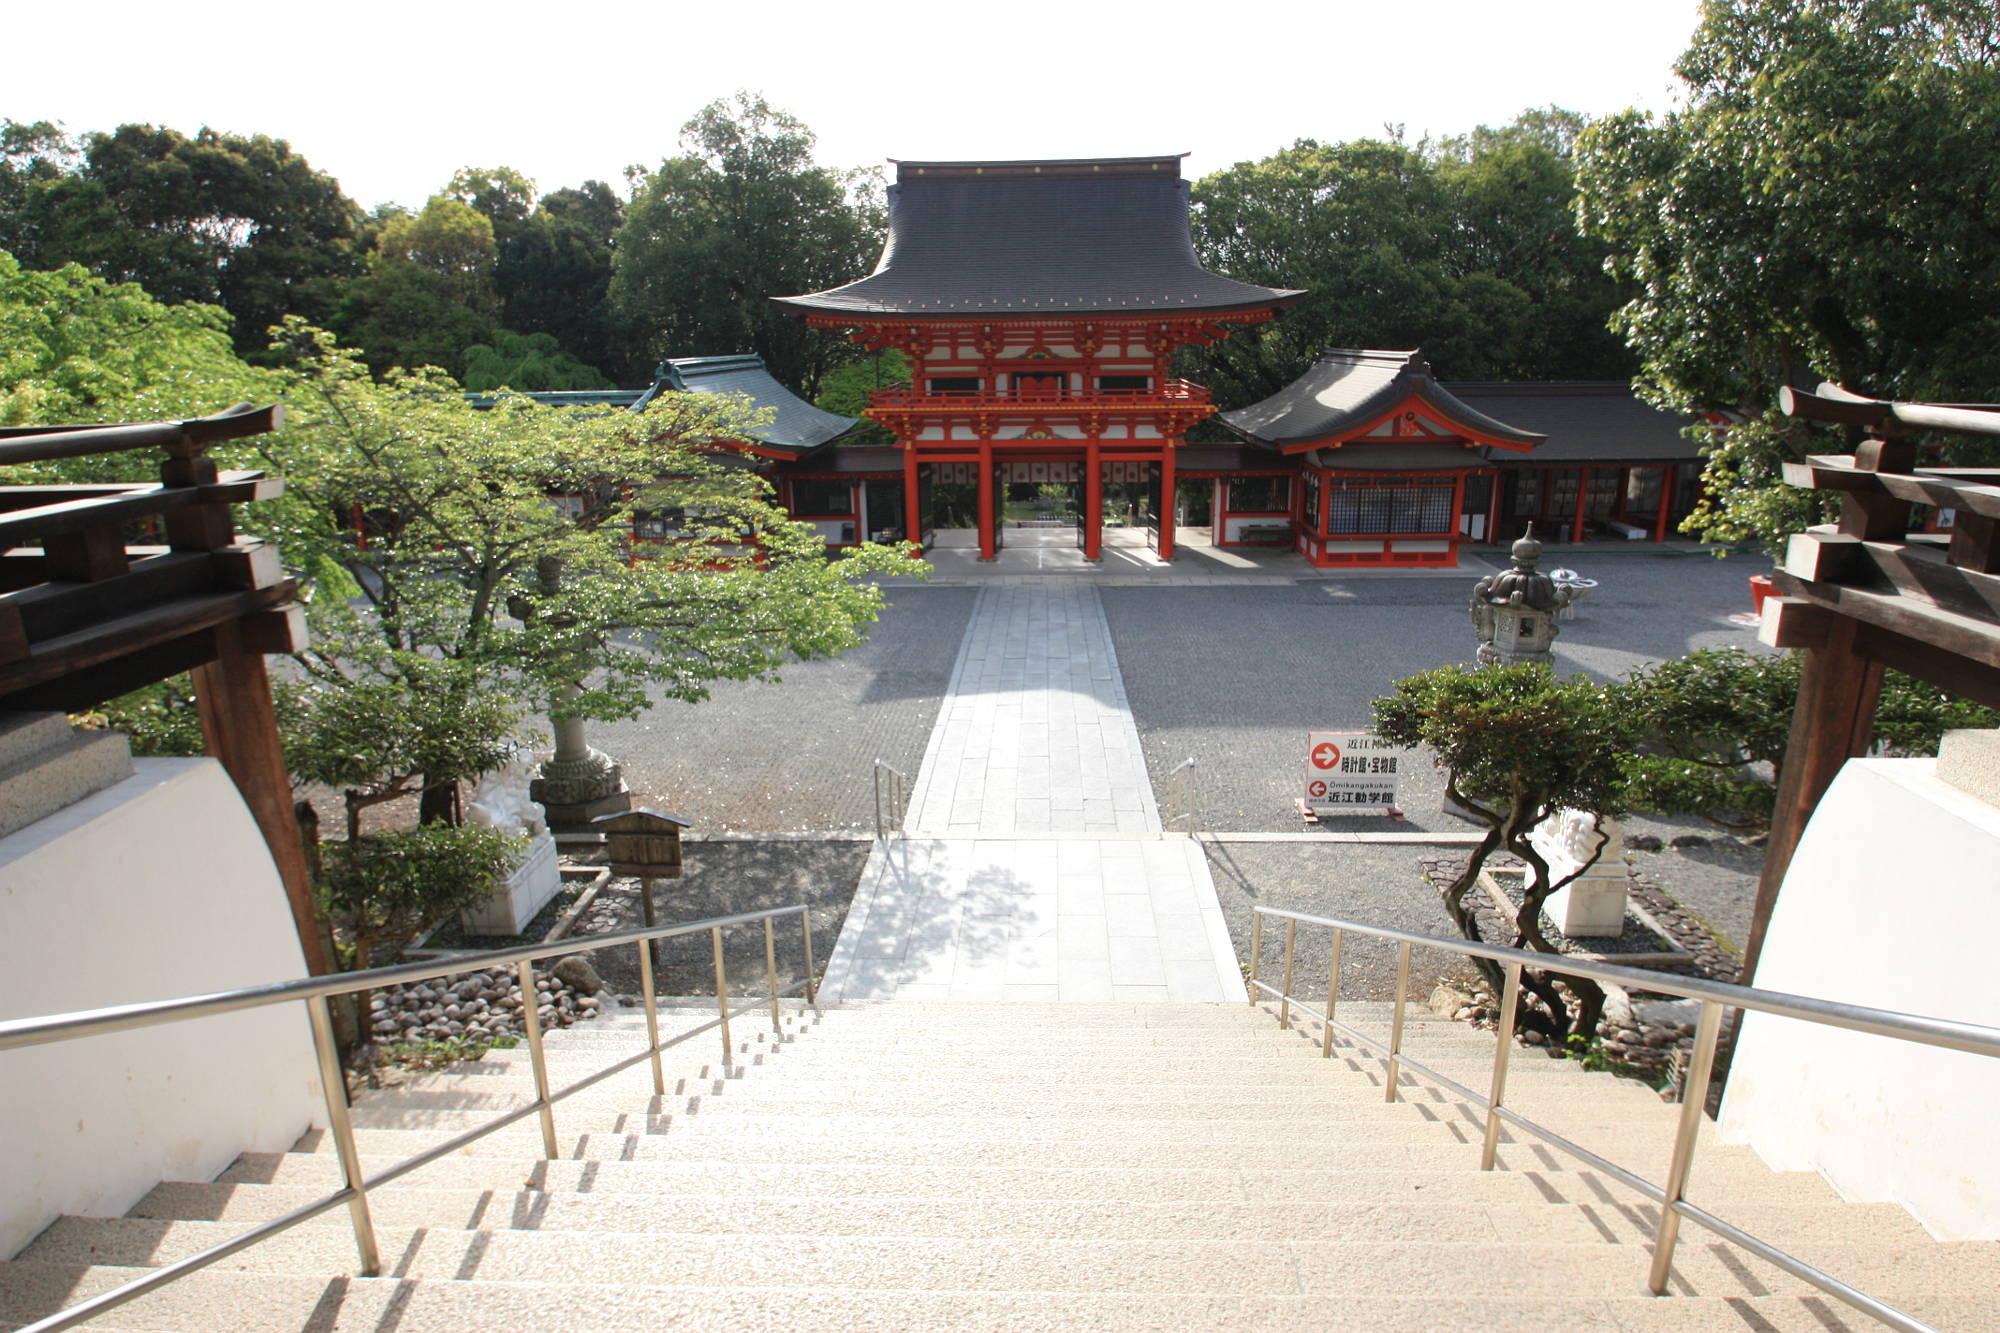 外拝殿から見た楼門